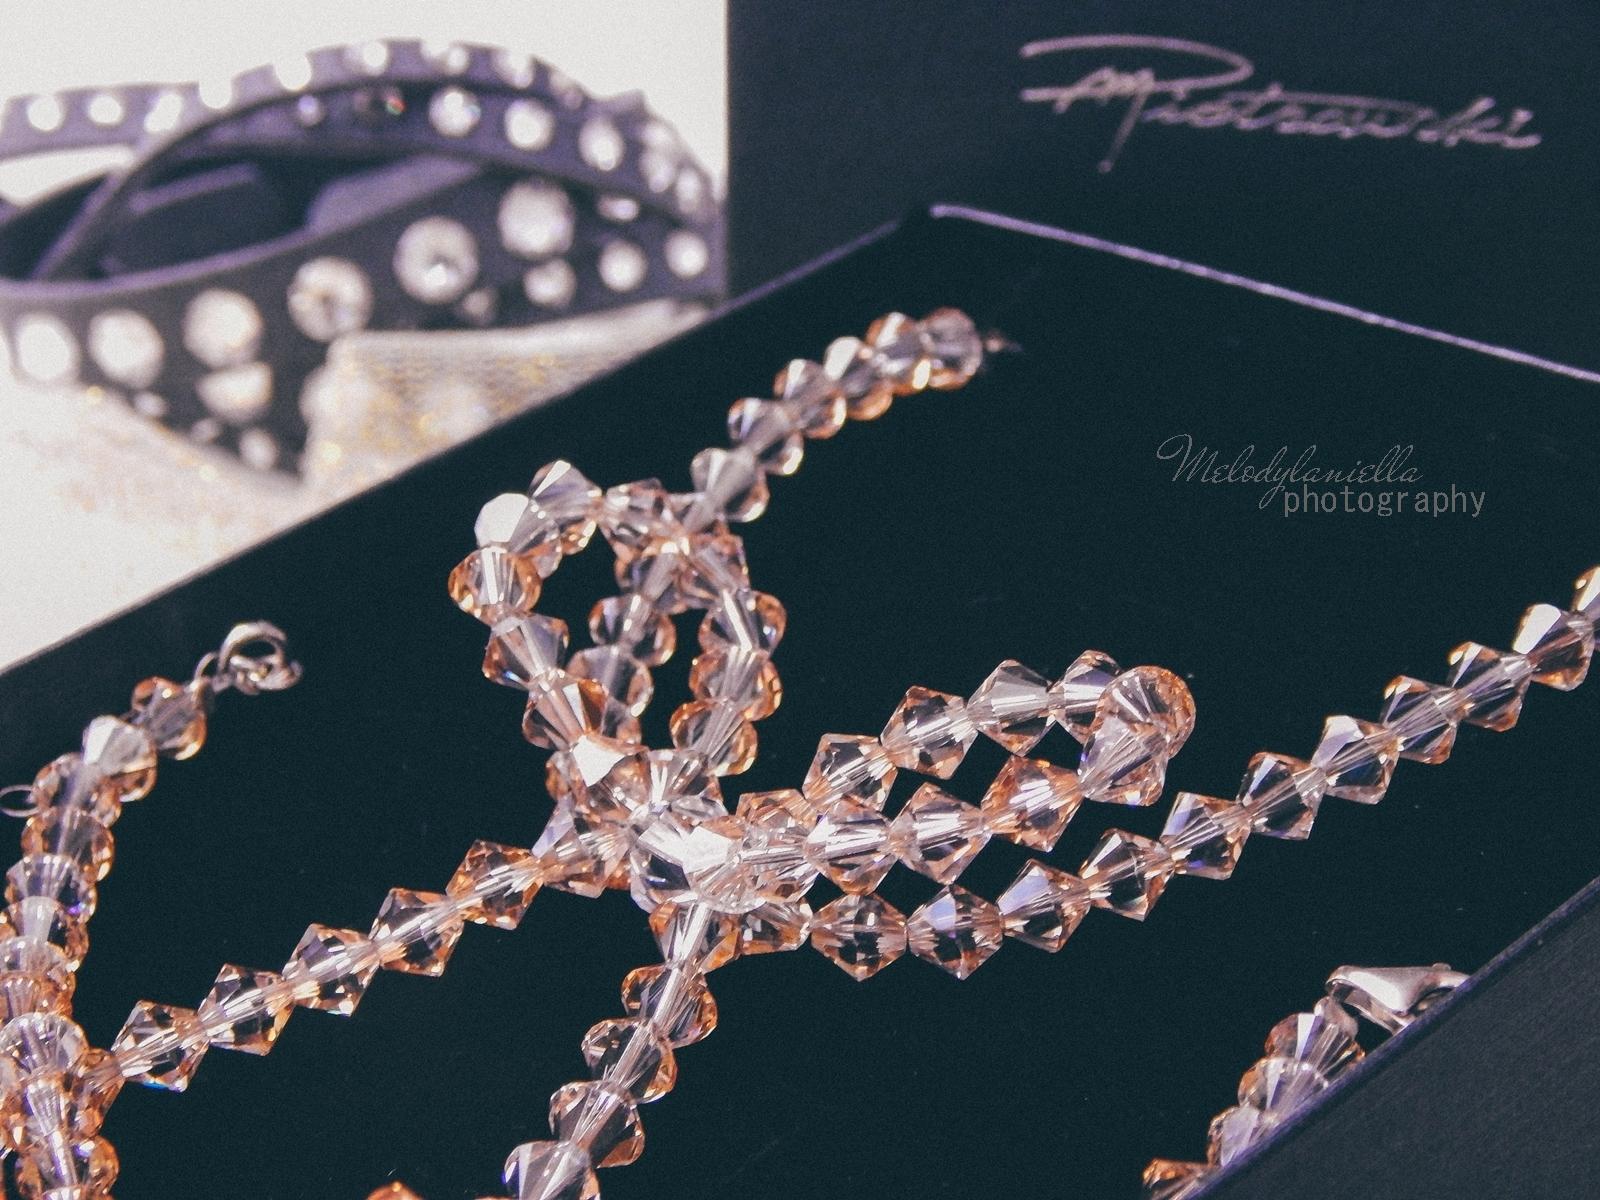 16 biżuteria M piotrowski recenzje kryształy swarovski przegląd opinie recenzje jak dobrać biżuterie modna biżuteria stylowe dodatki kryształy bransoletka z kokardką naszyjnik z kokardą złoto srebro fashion